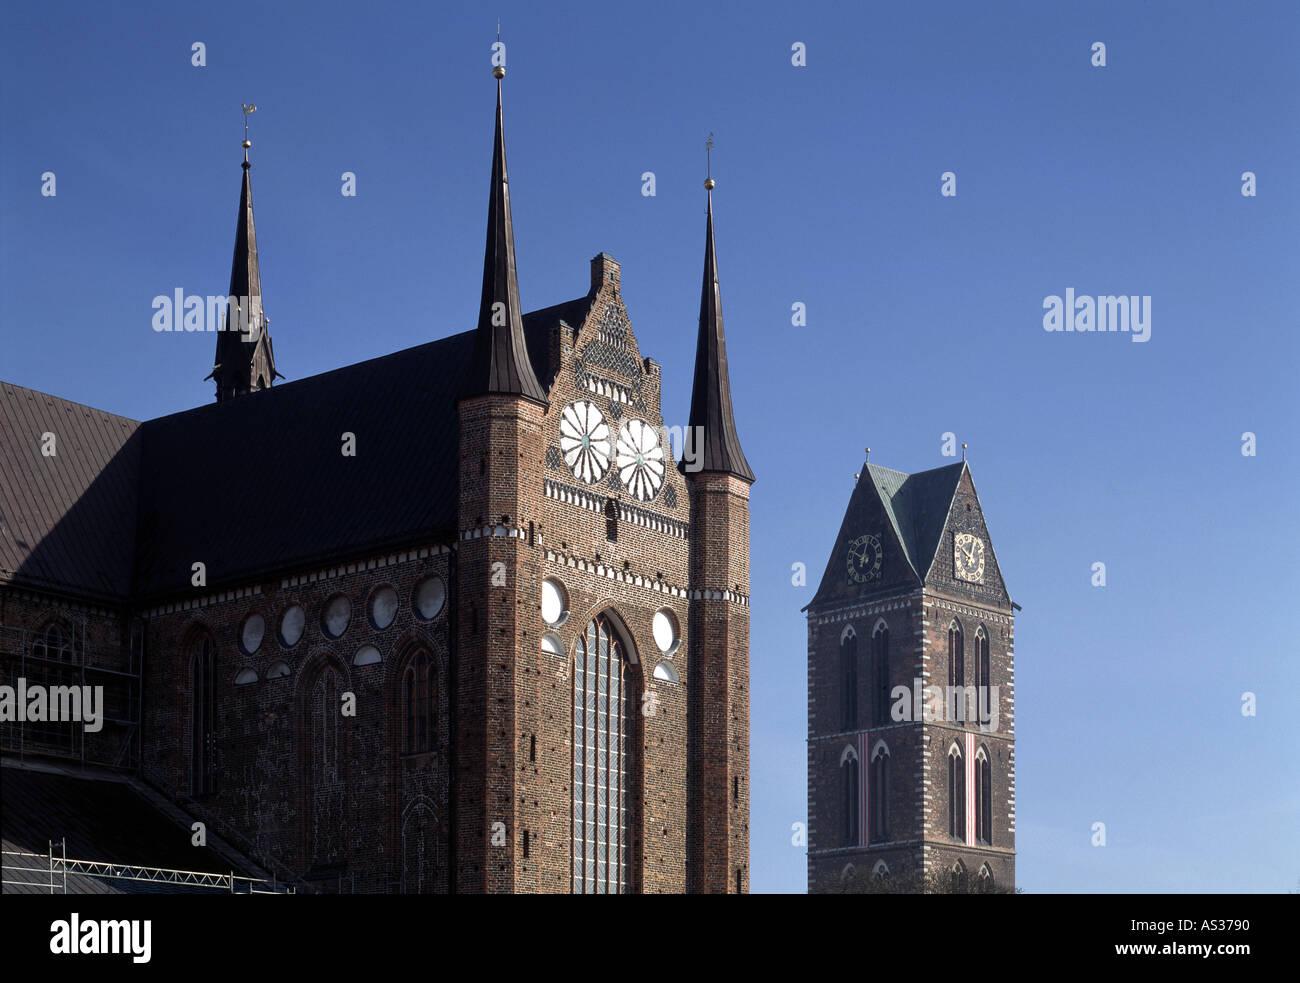 Wismar, St. Georgen, Südfassade, und St.Marien, Turm - Stock Image